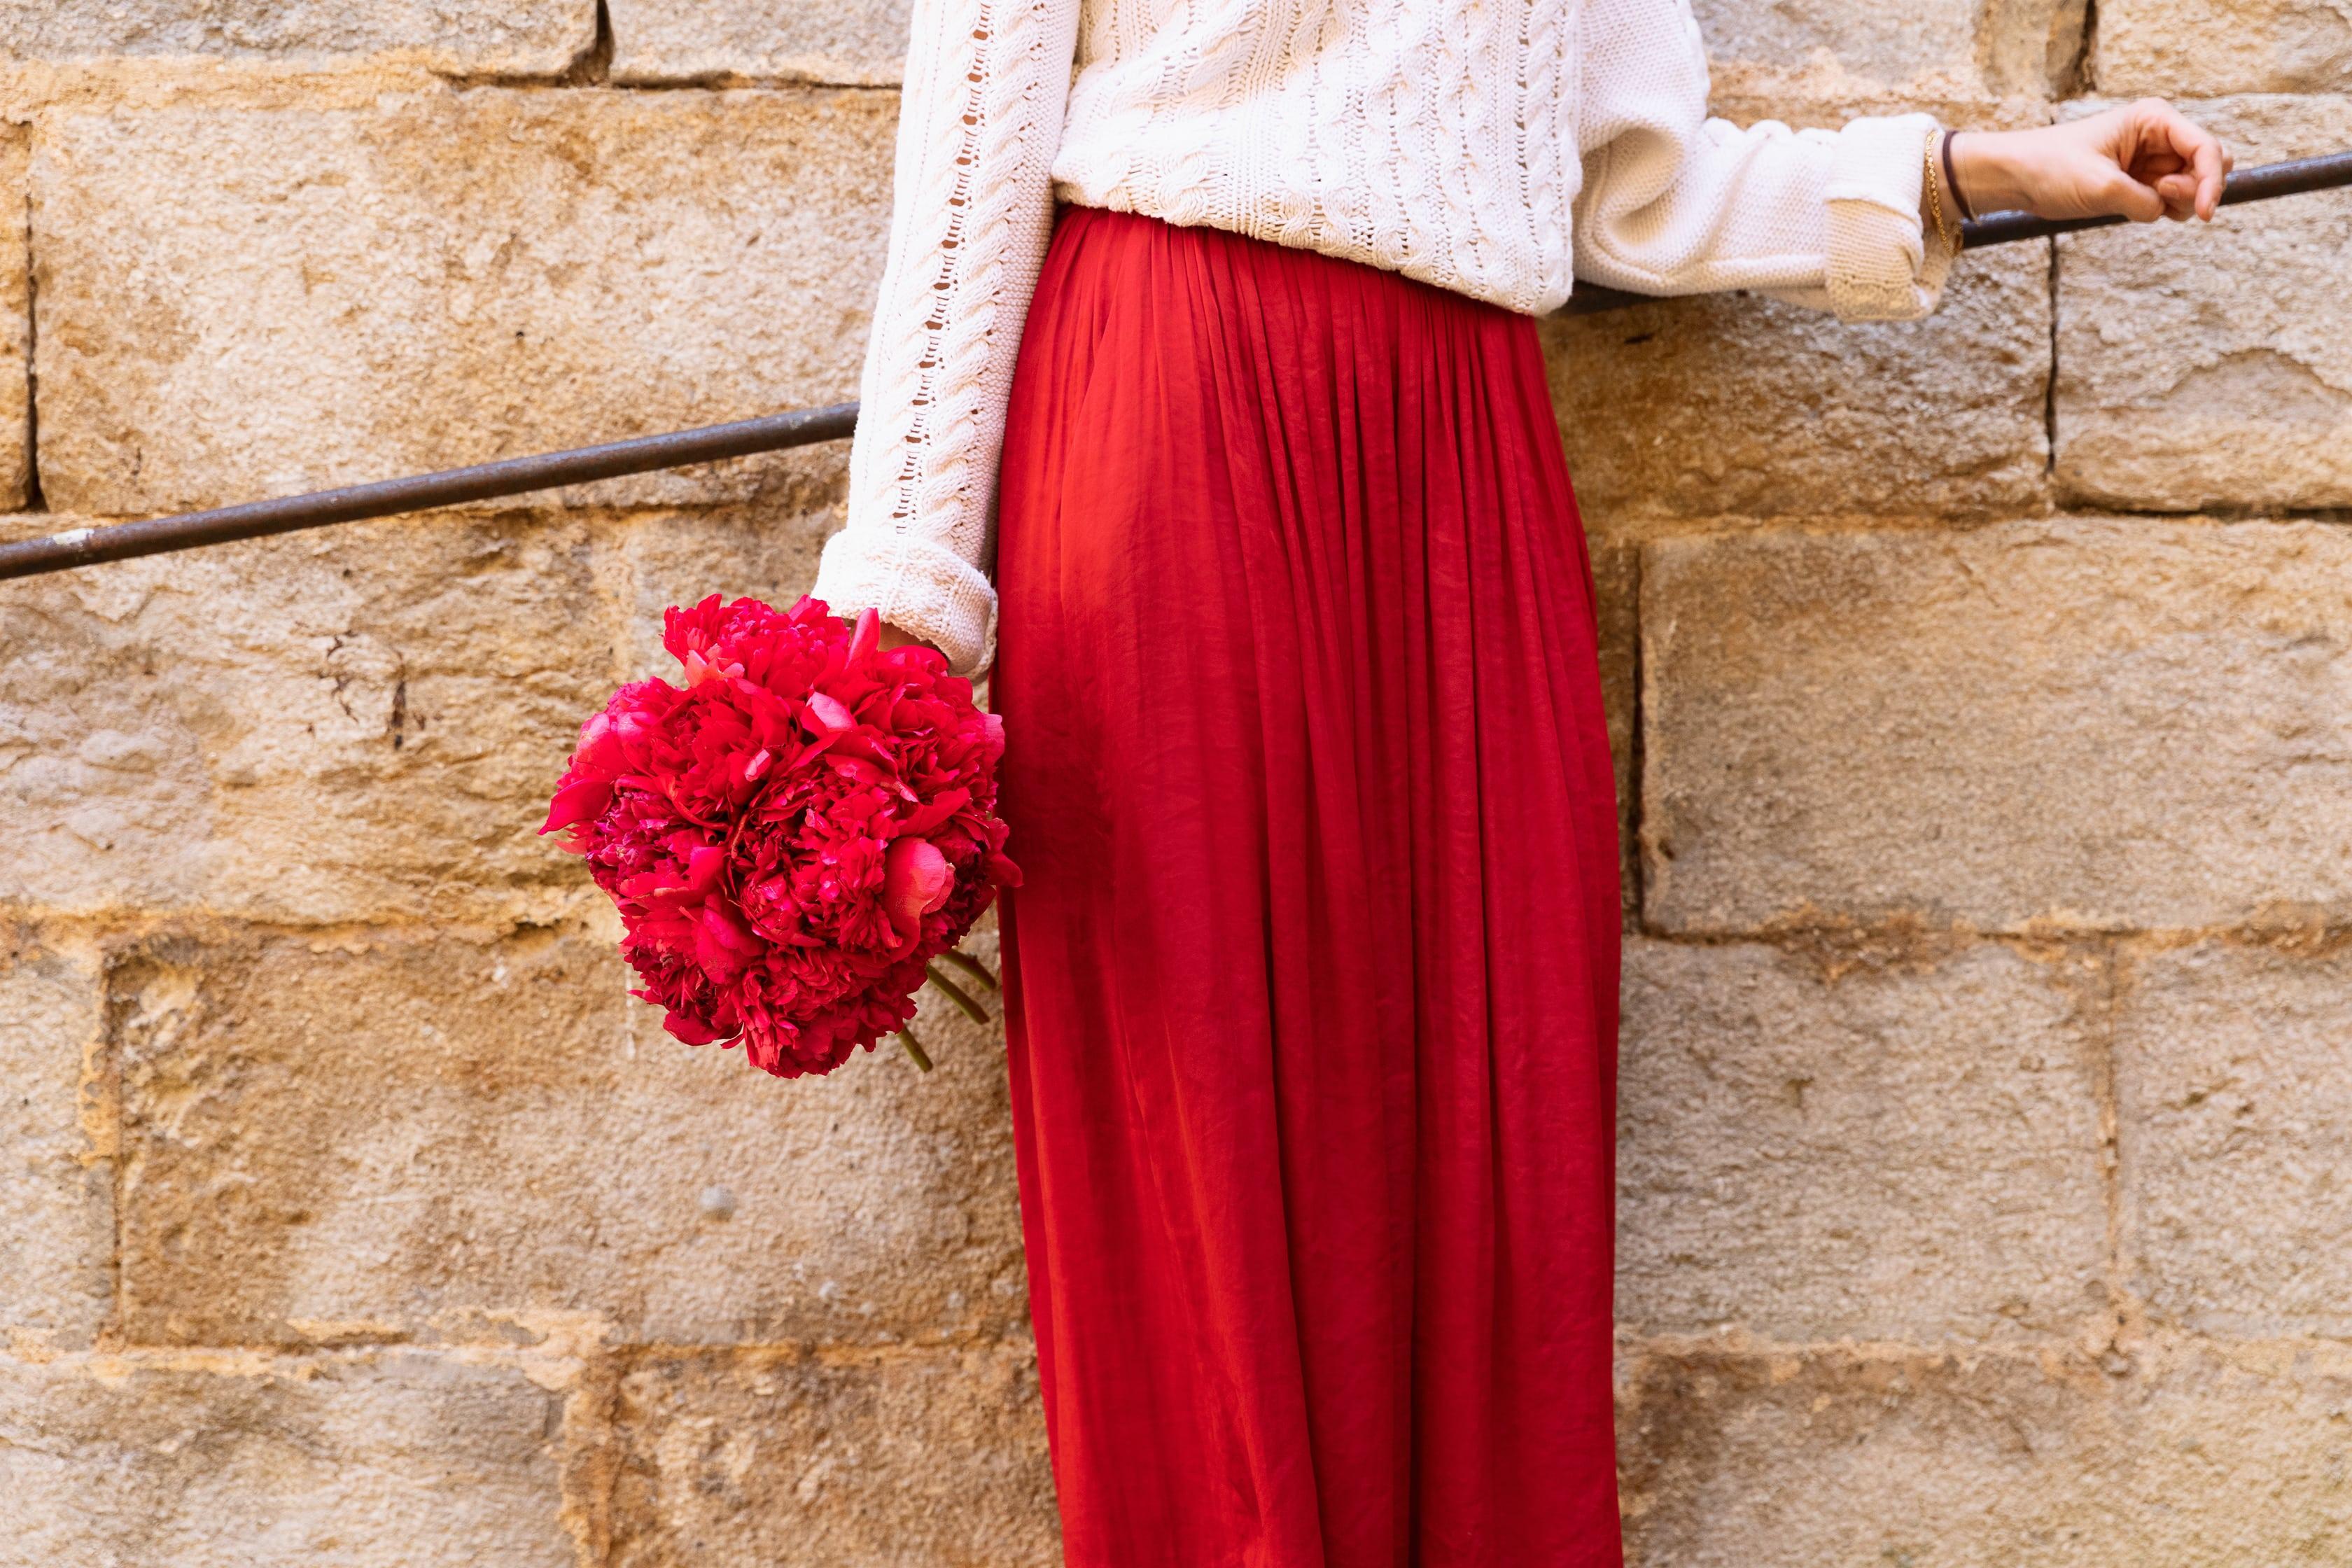 SCARLETT_ramo de peonias rojas colvin-min